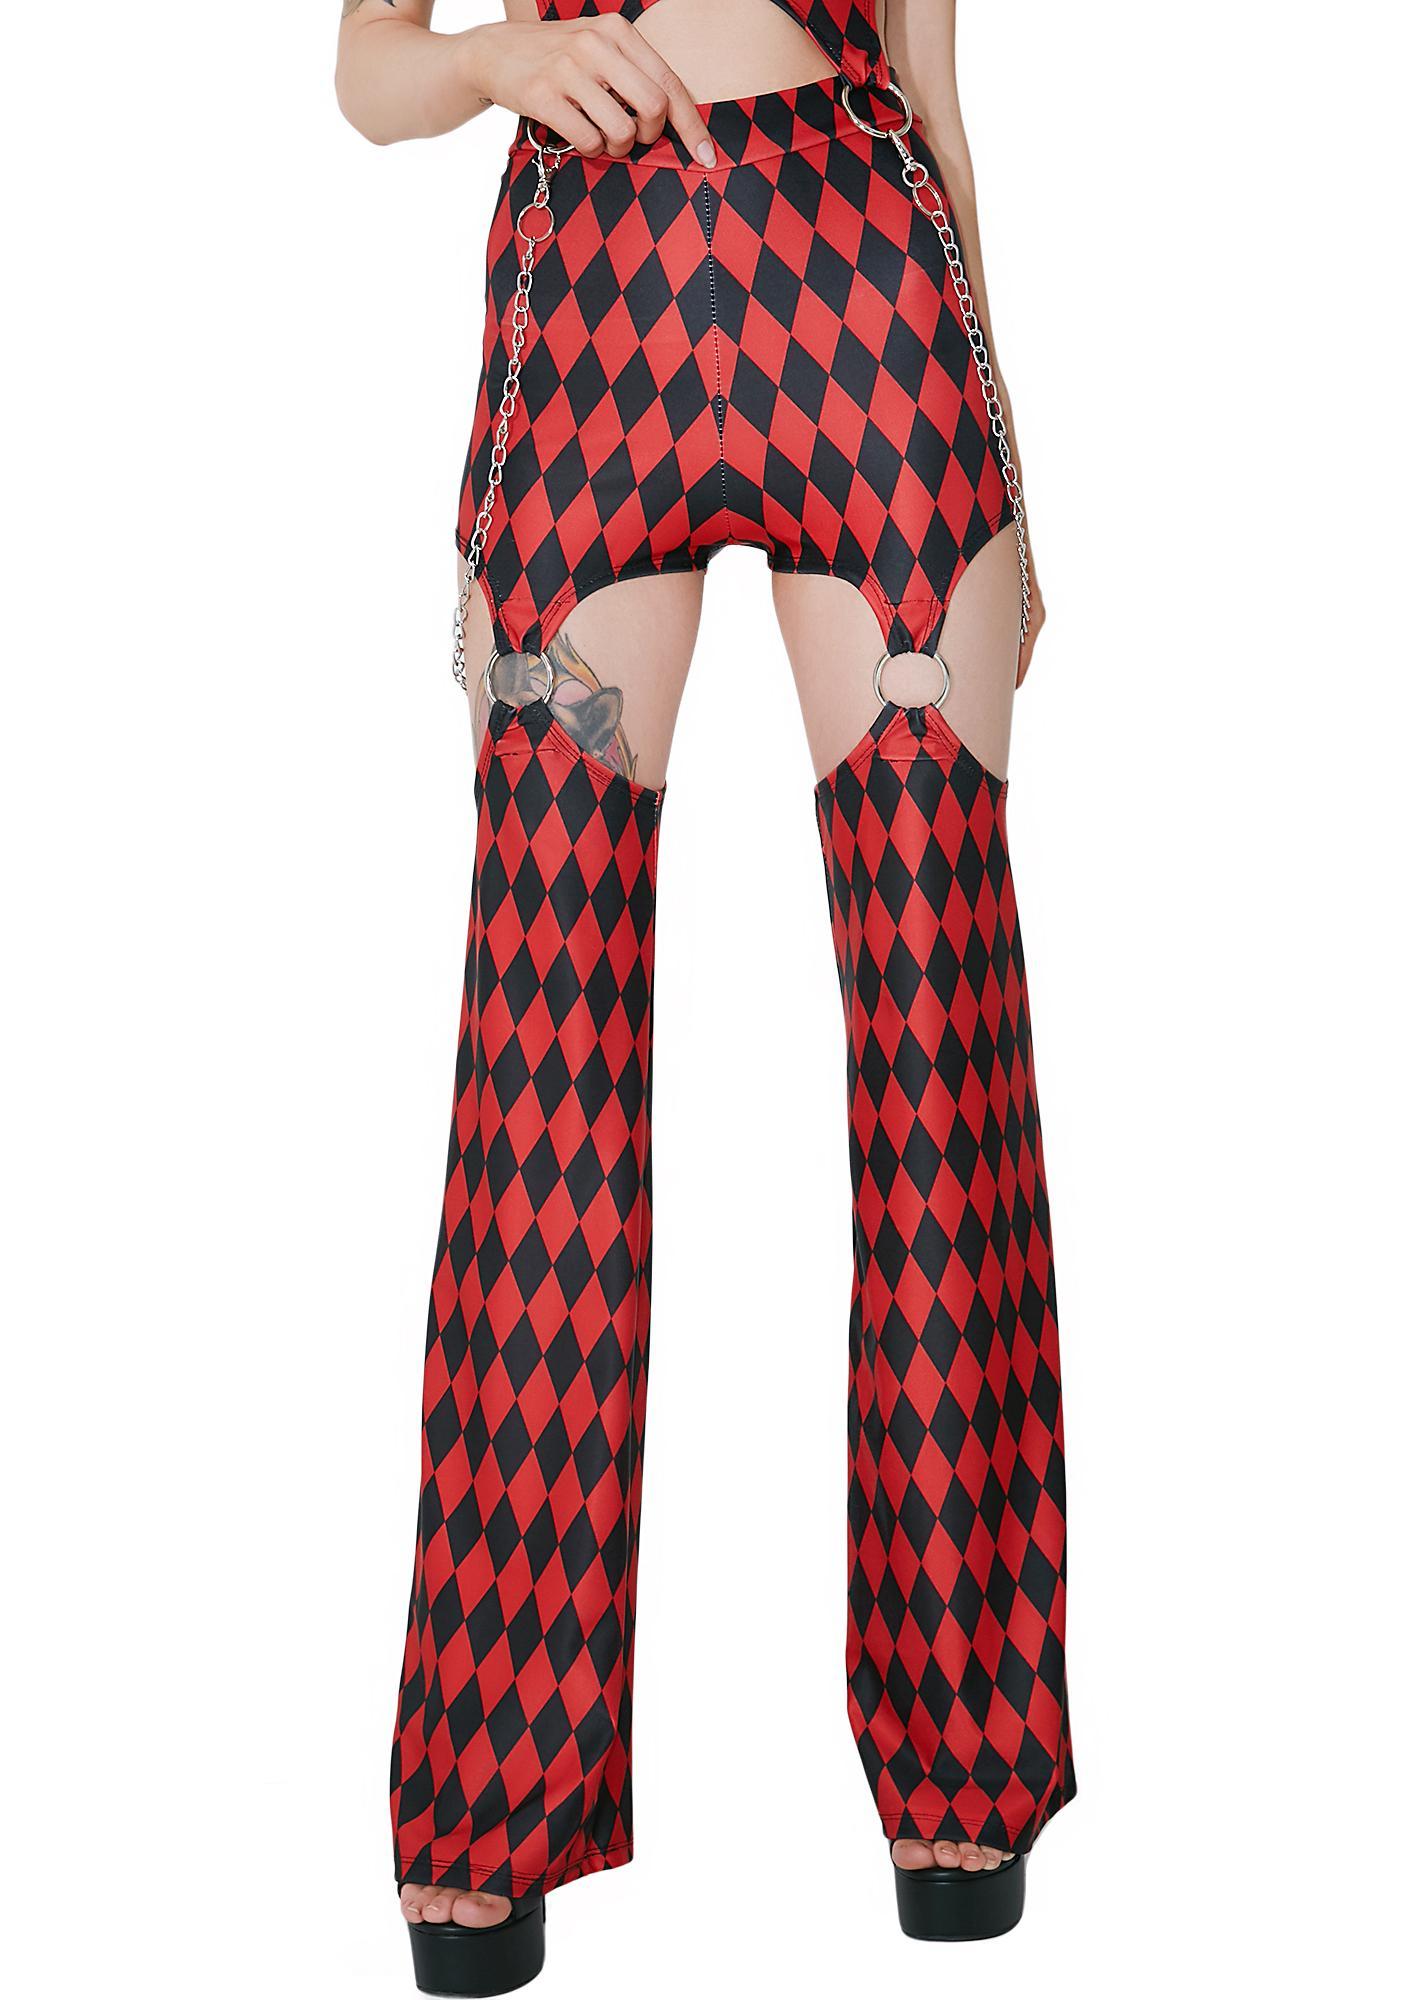 DEVOWEVO Harlequin Vixen Garter Pants